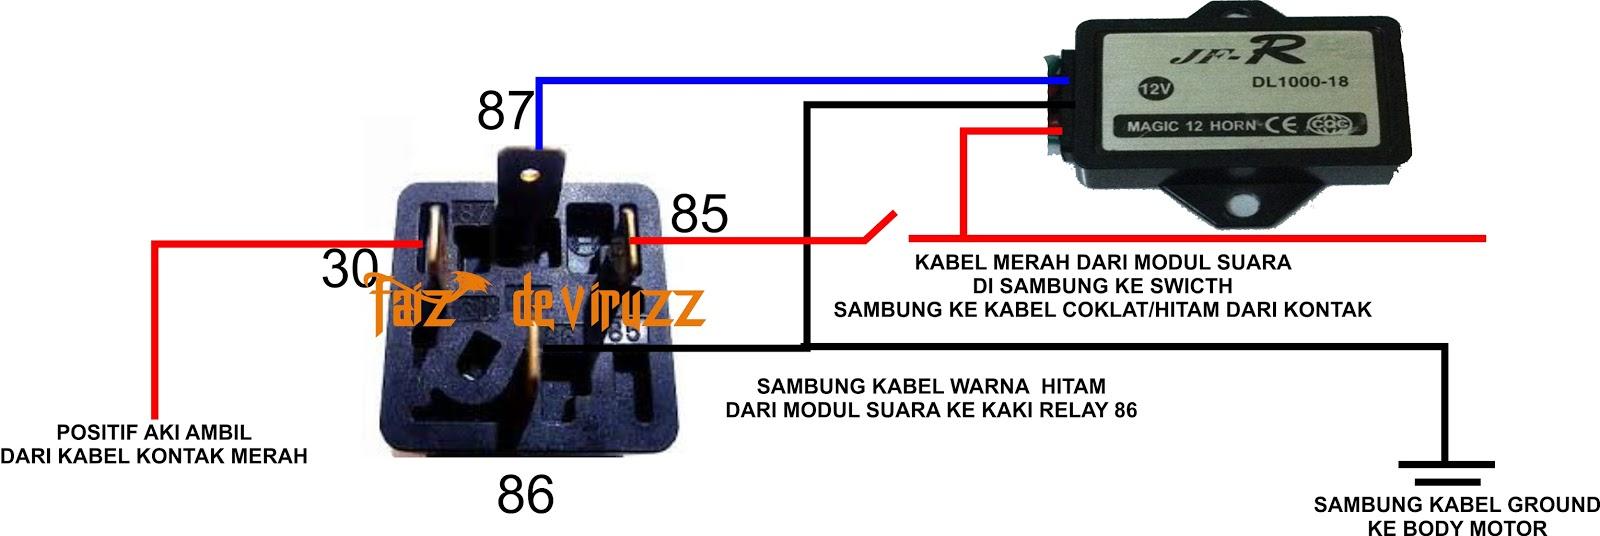 Aero Xriders Indonesia Pasang Klakson Echo 12 Suara Di X Ride Relay Volt 8 Kaki Biar Ga Bingung Nih Saya Kasih Skemanya